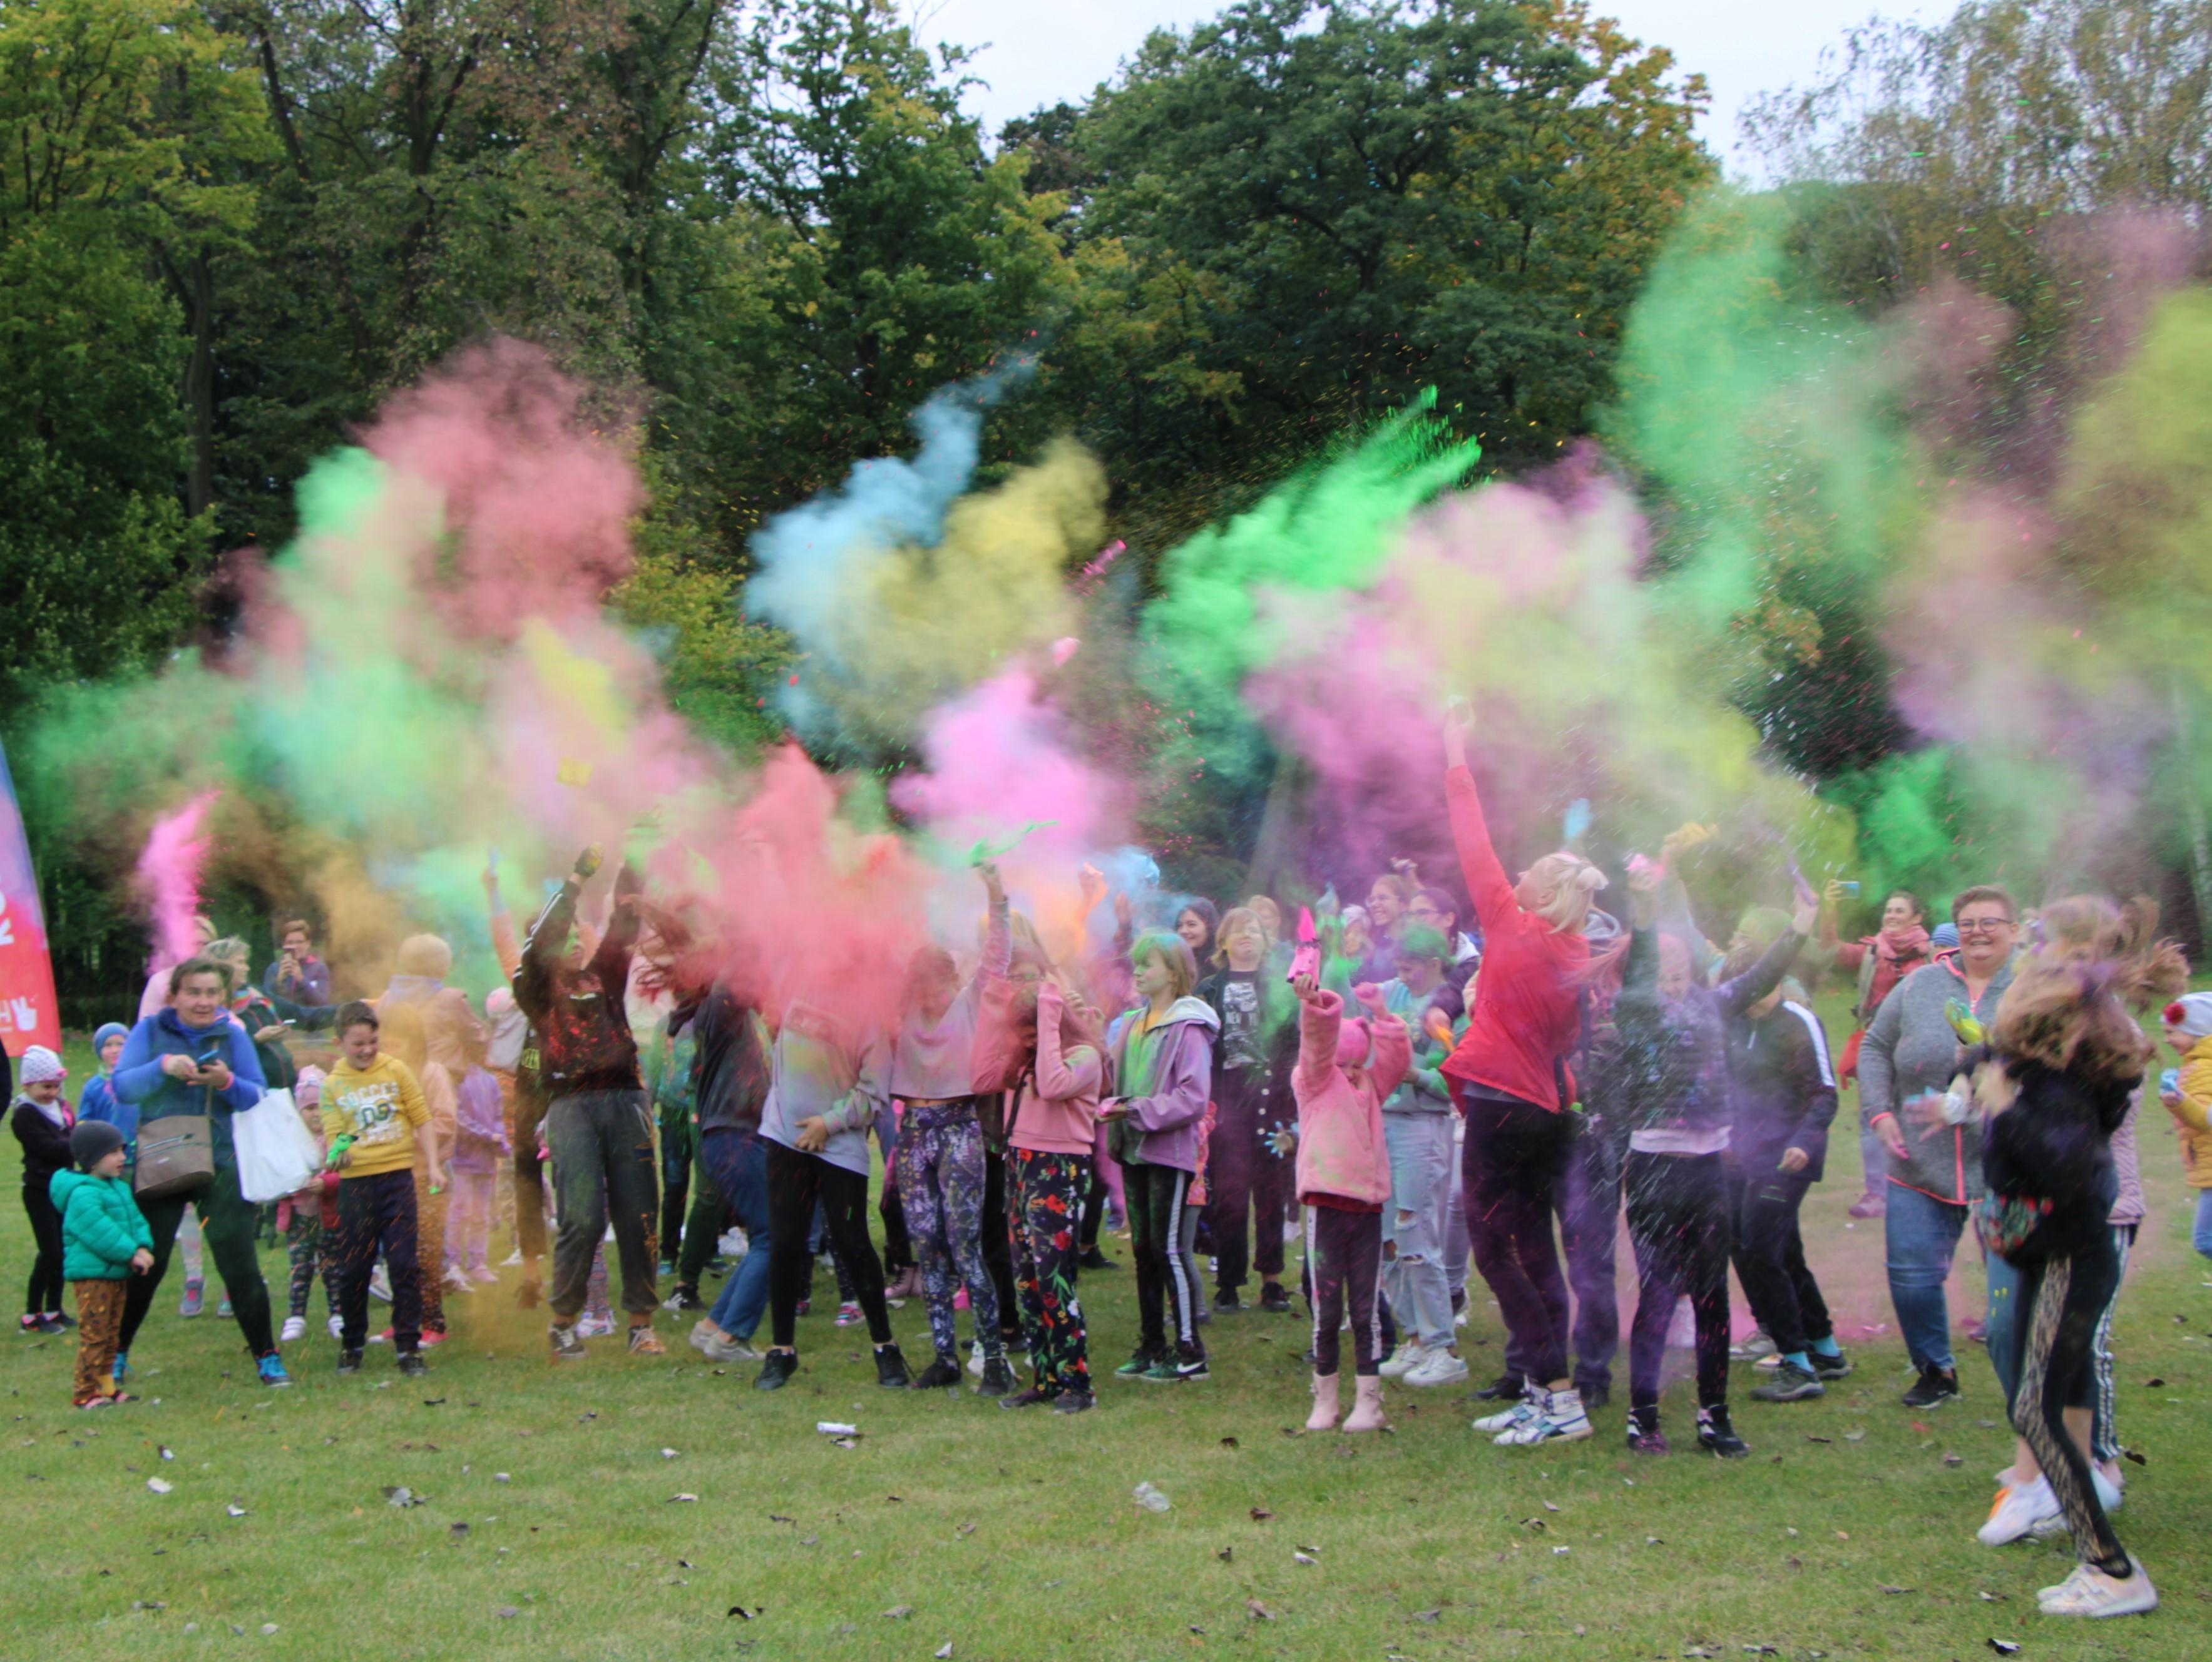 Sportowo  i kolorowo w lubartowskim parku. MOSiR Lubartów przygotował atrakcje dla starszych i młodszych - Zdjęcie główne